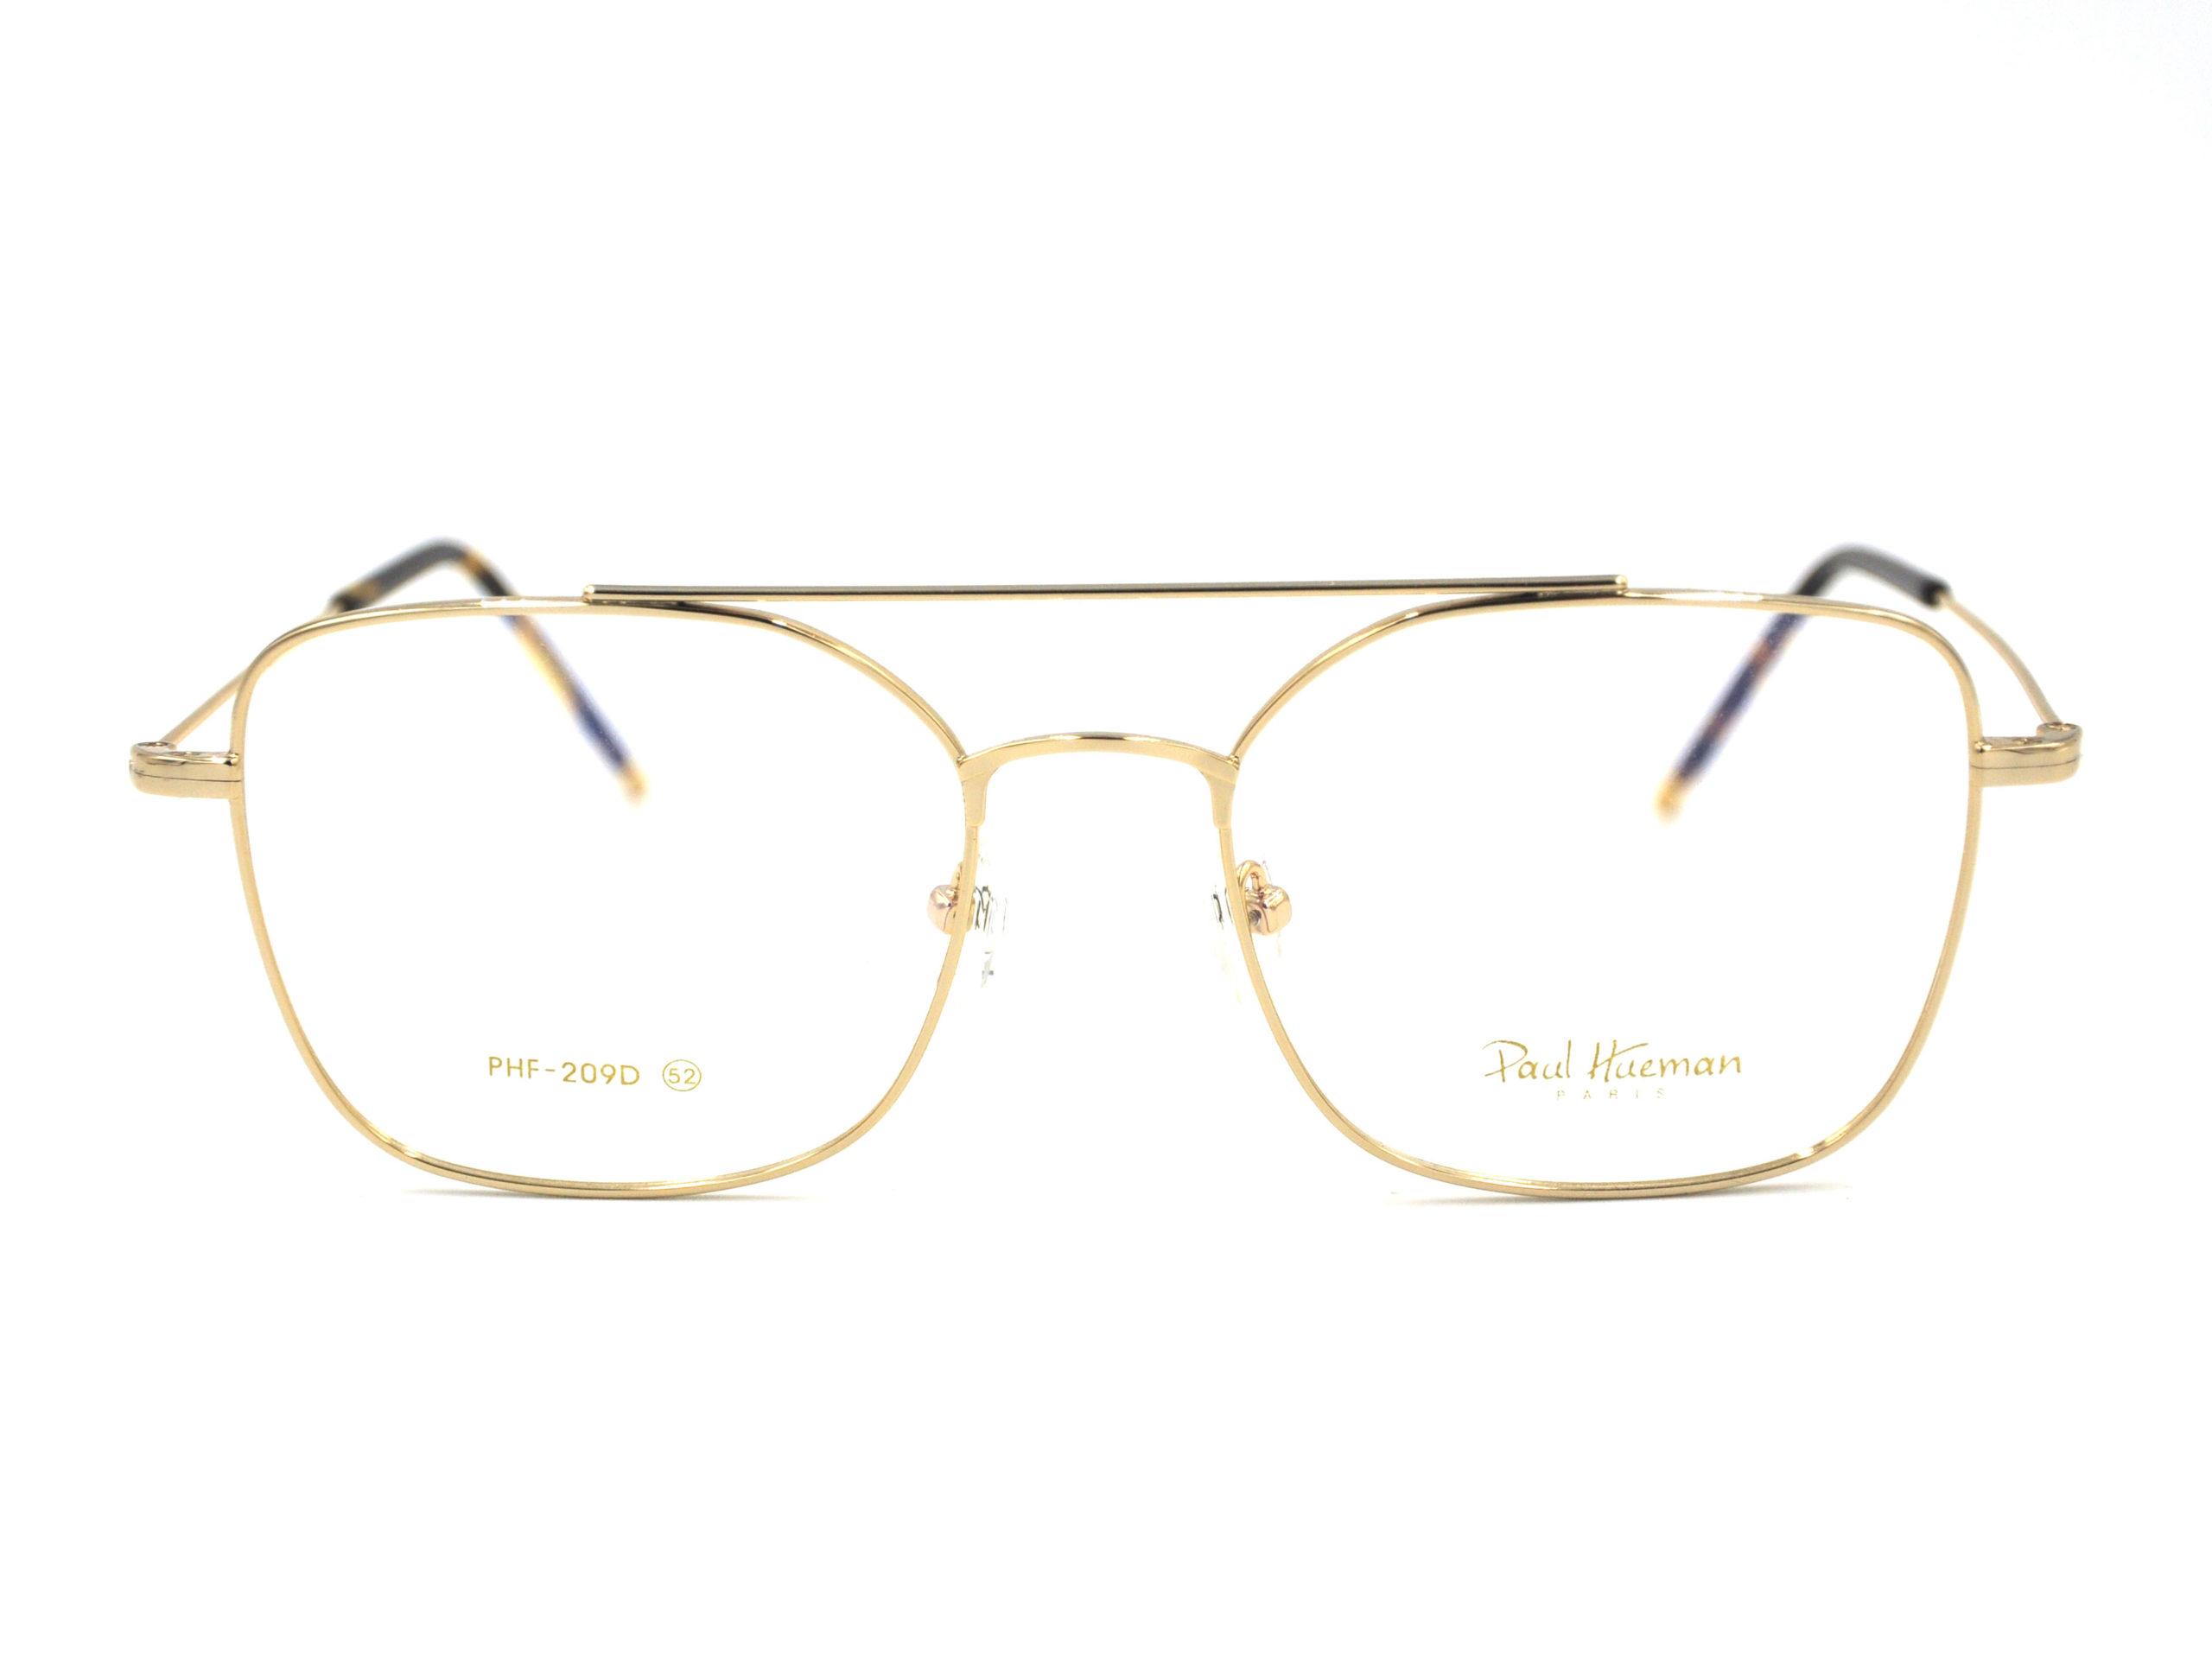 Γυαλιά οράσεως PAUL HUEMAN PHF209D C1 Πειραιάς